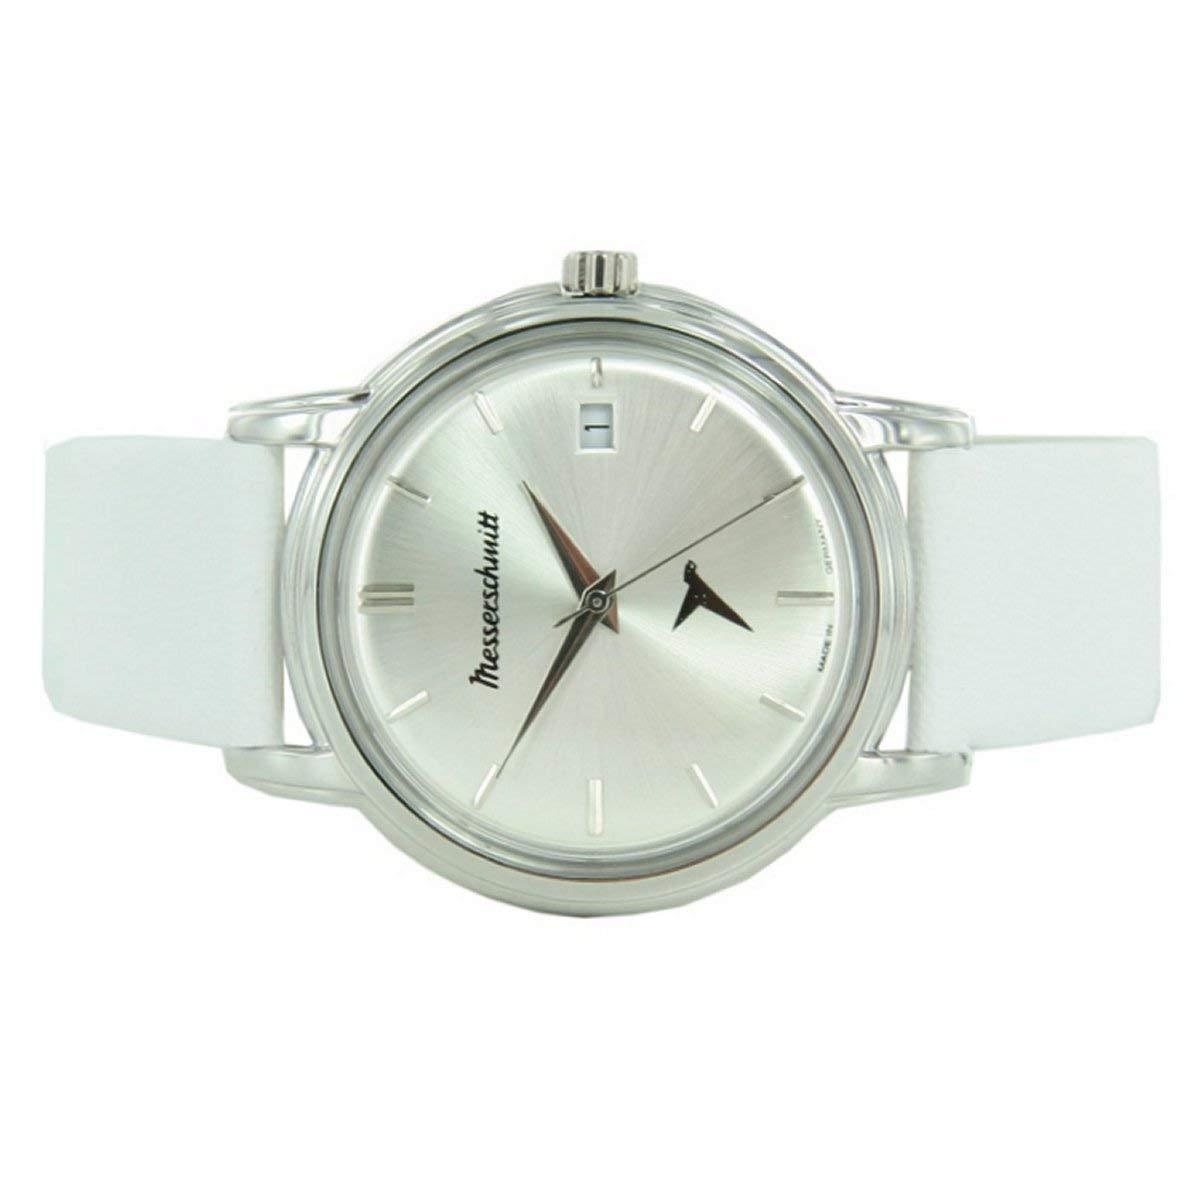 Reloj De Y Con Correa Cuarzo Unisex Movimiento Cuero El OXNwk80nPZ